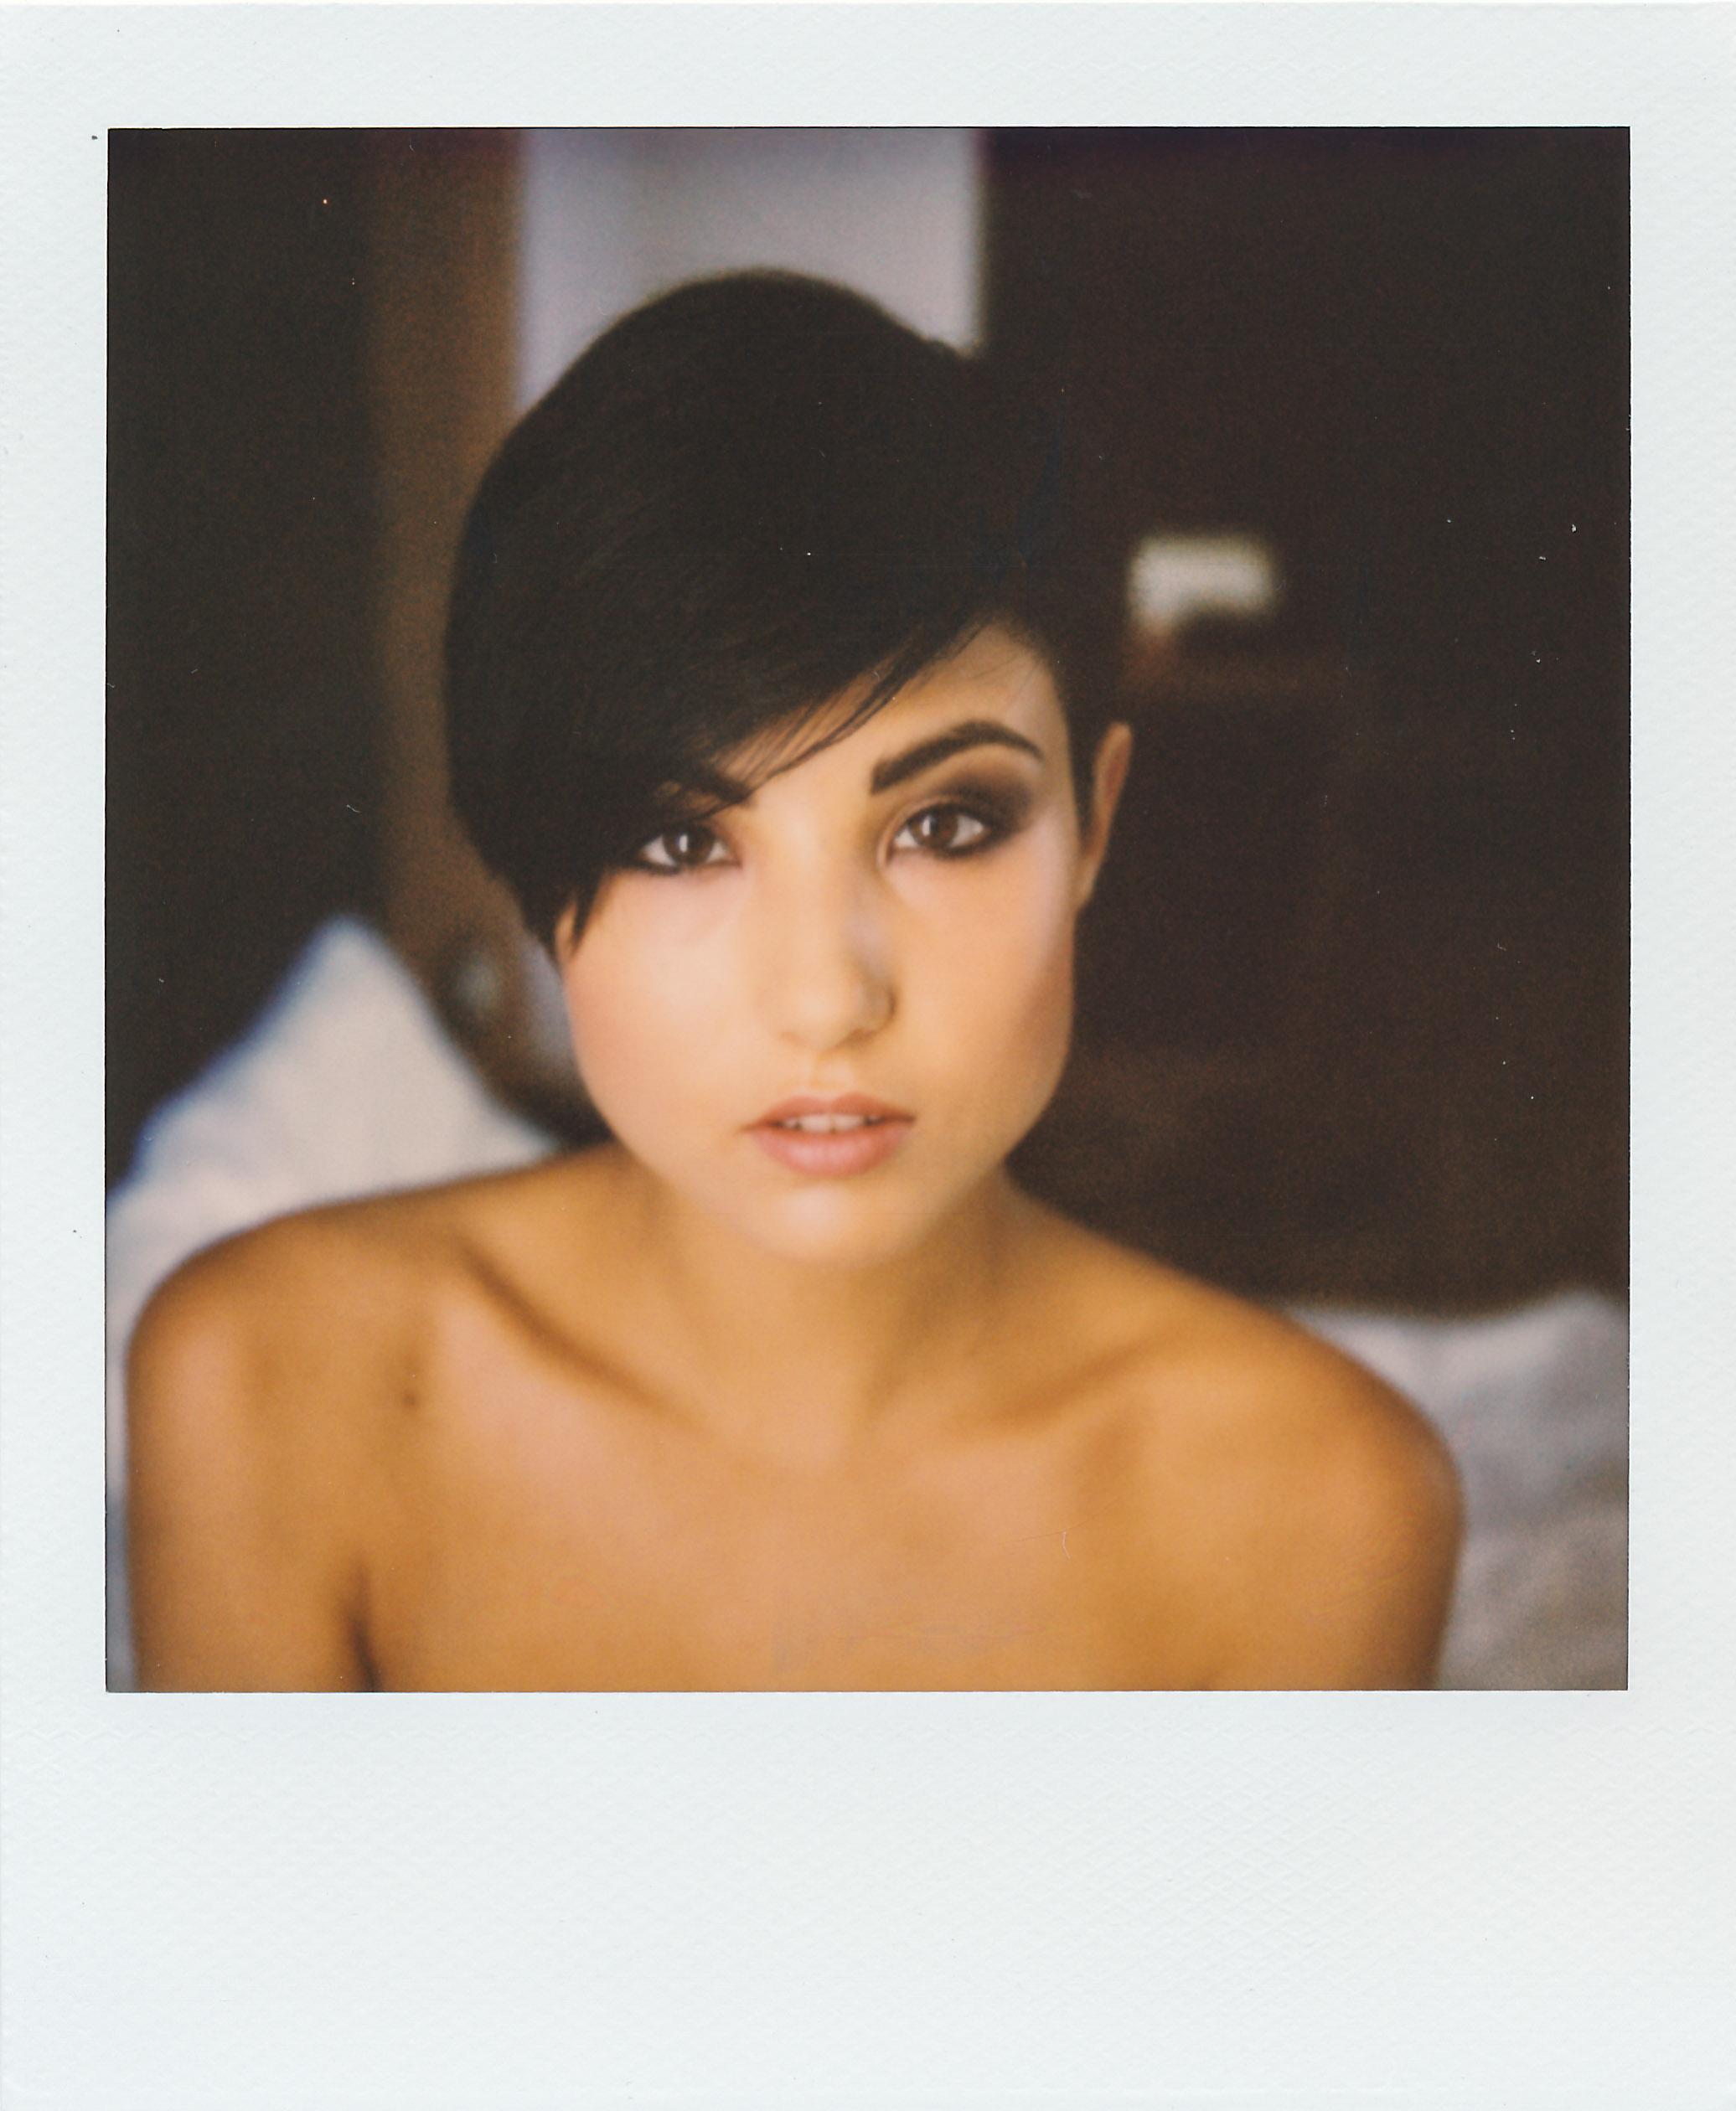 Giorgia_polaroid (1).jpg